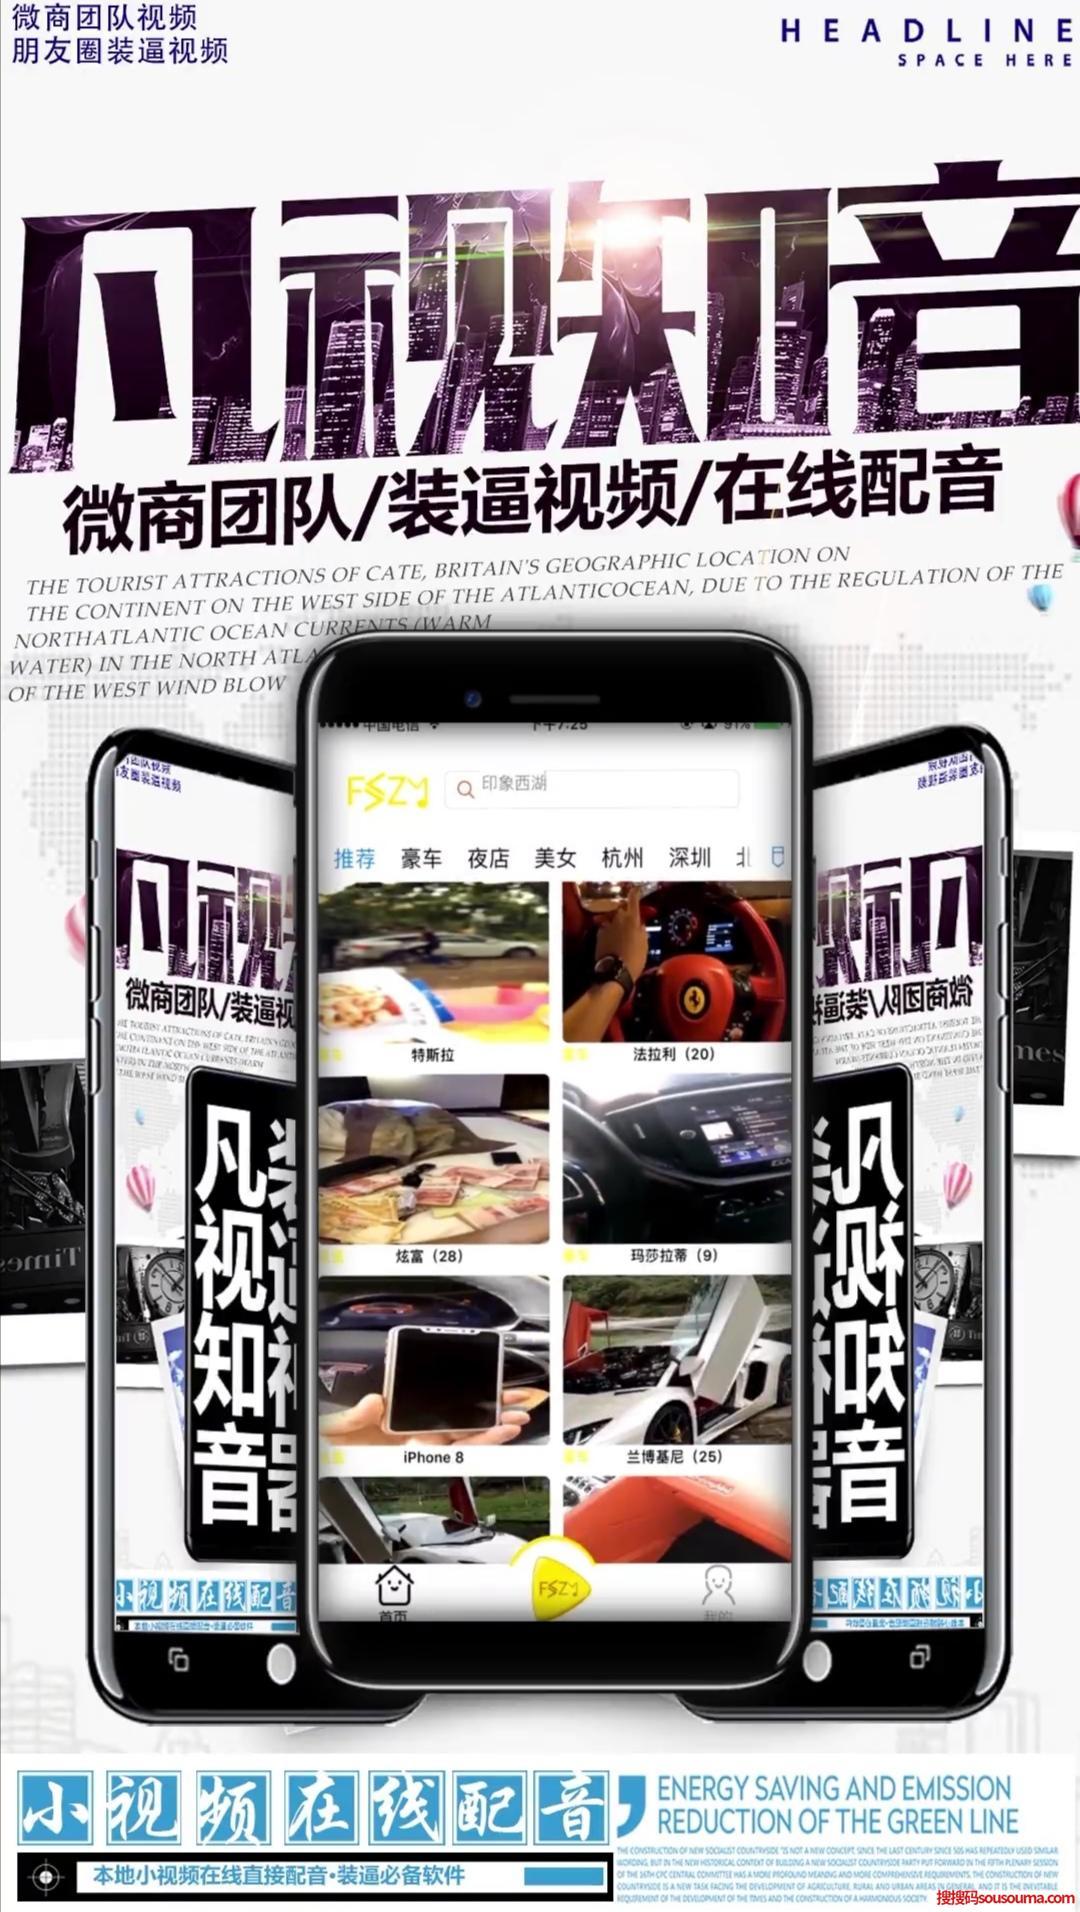 【凡视知音】安卓苹果通用永久卡专业小视频软件可自己配音装X神器